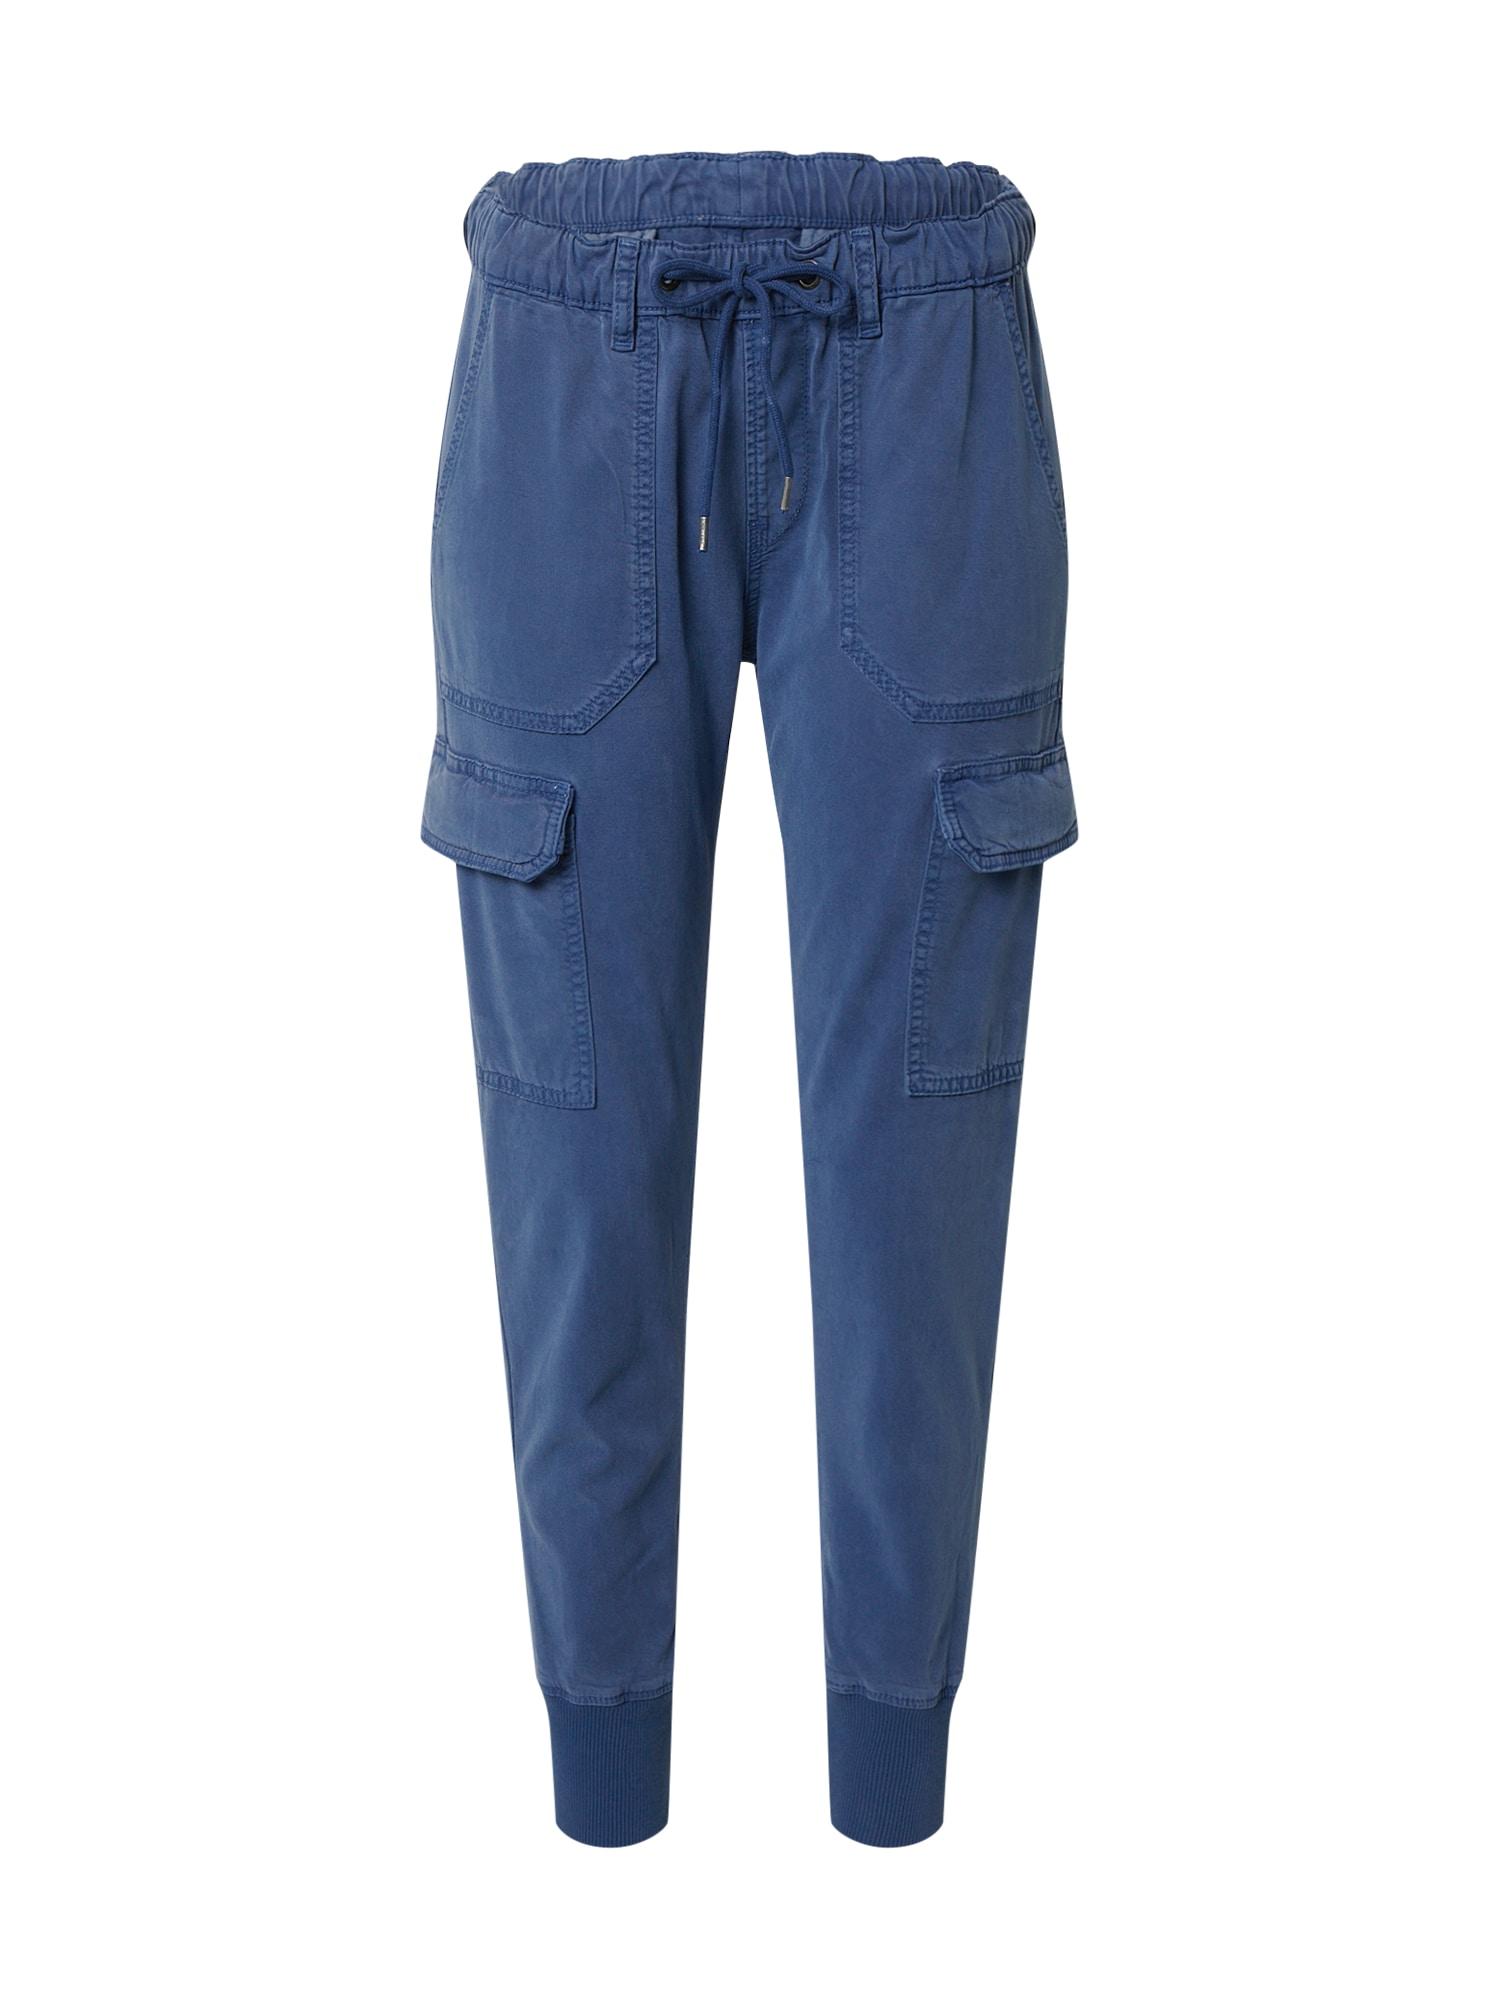 Pepe Jeans Darbinio stiliaus džinsai 'CRUSADE' mėlyna